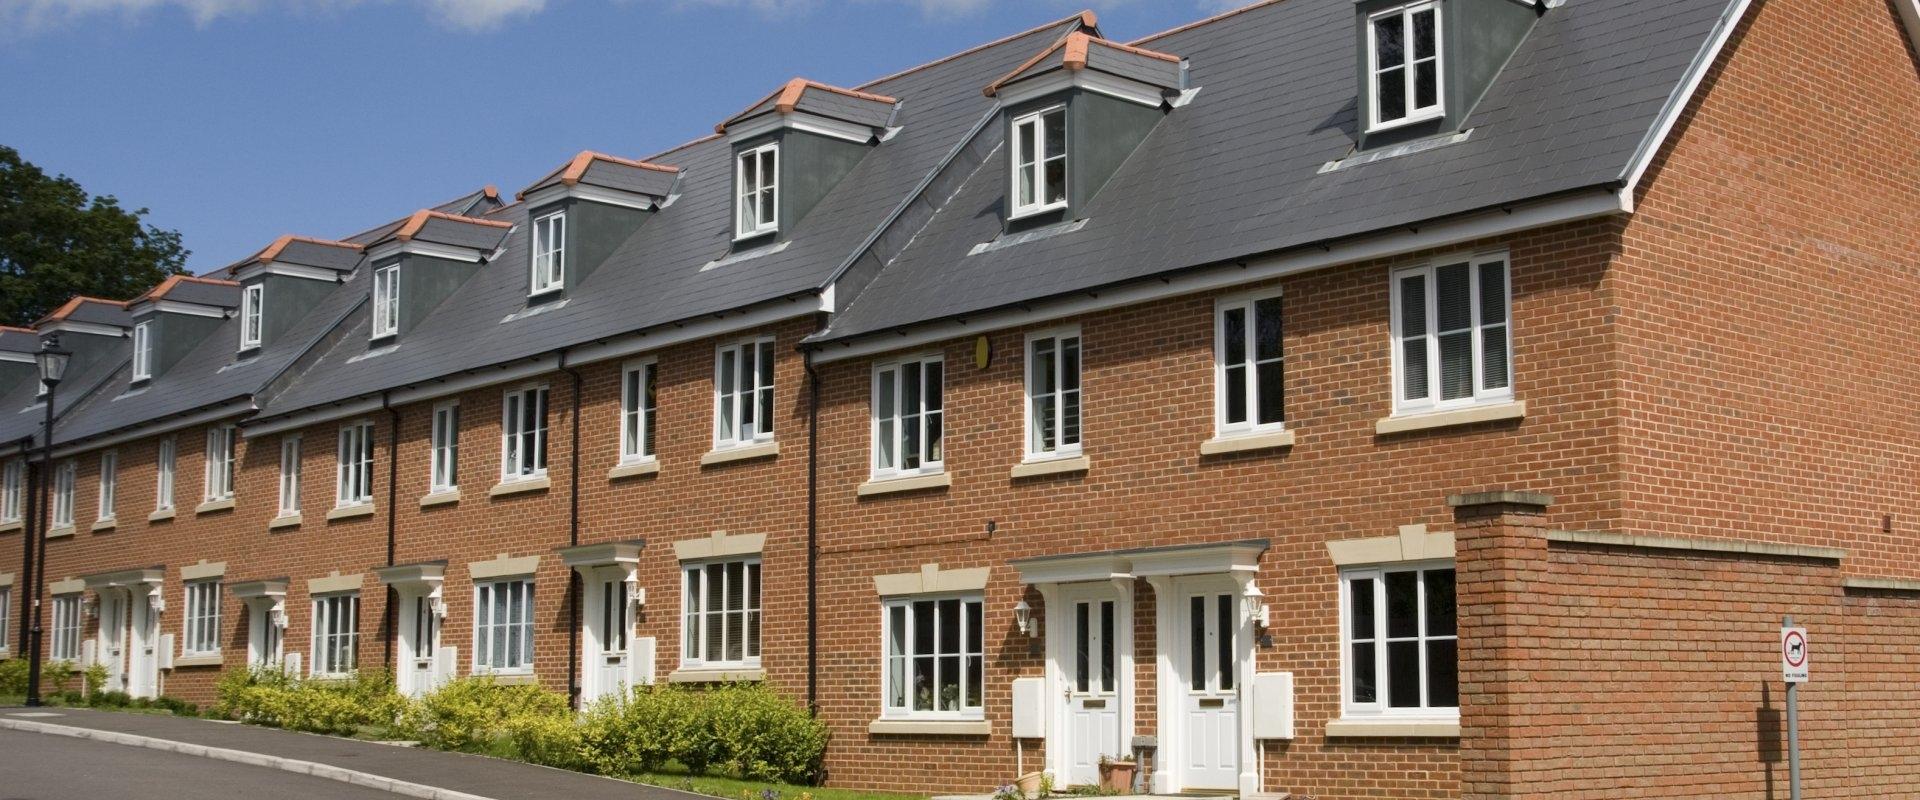 Essex Homes uyer (@essexhomesbuyer) Cover Image